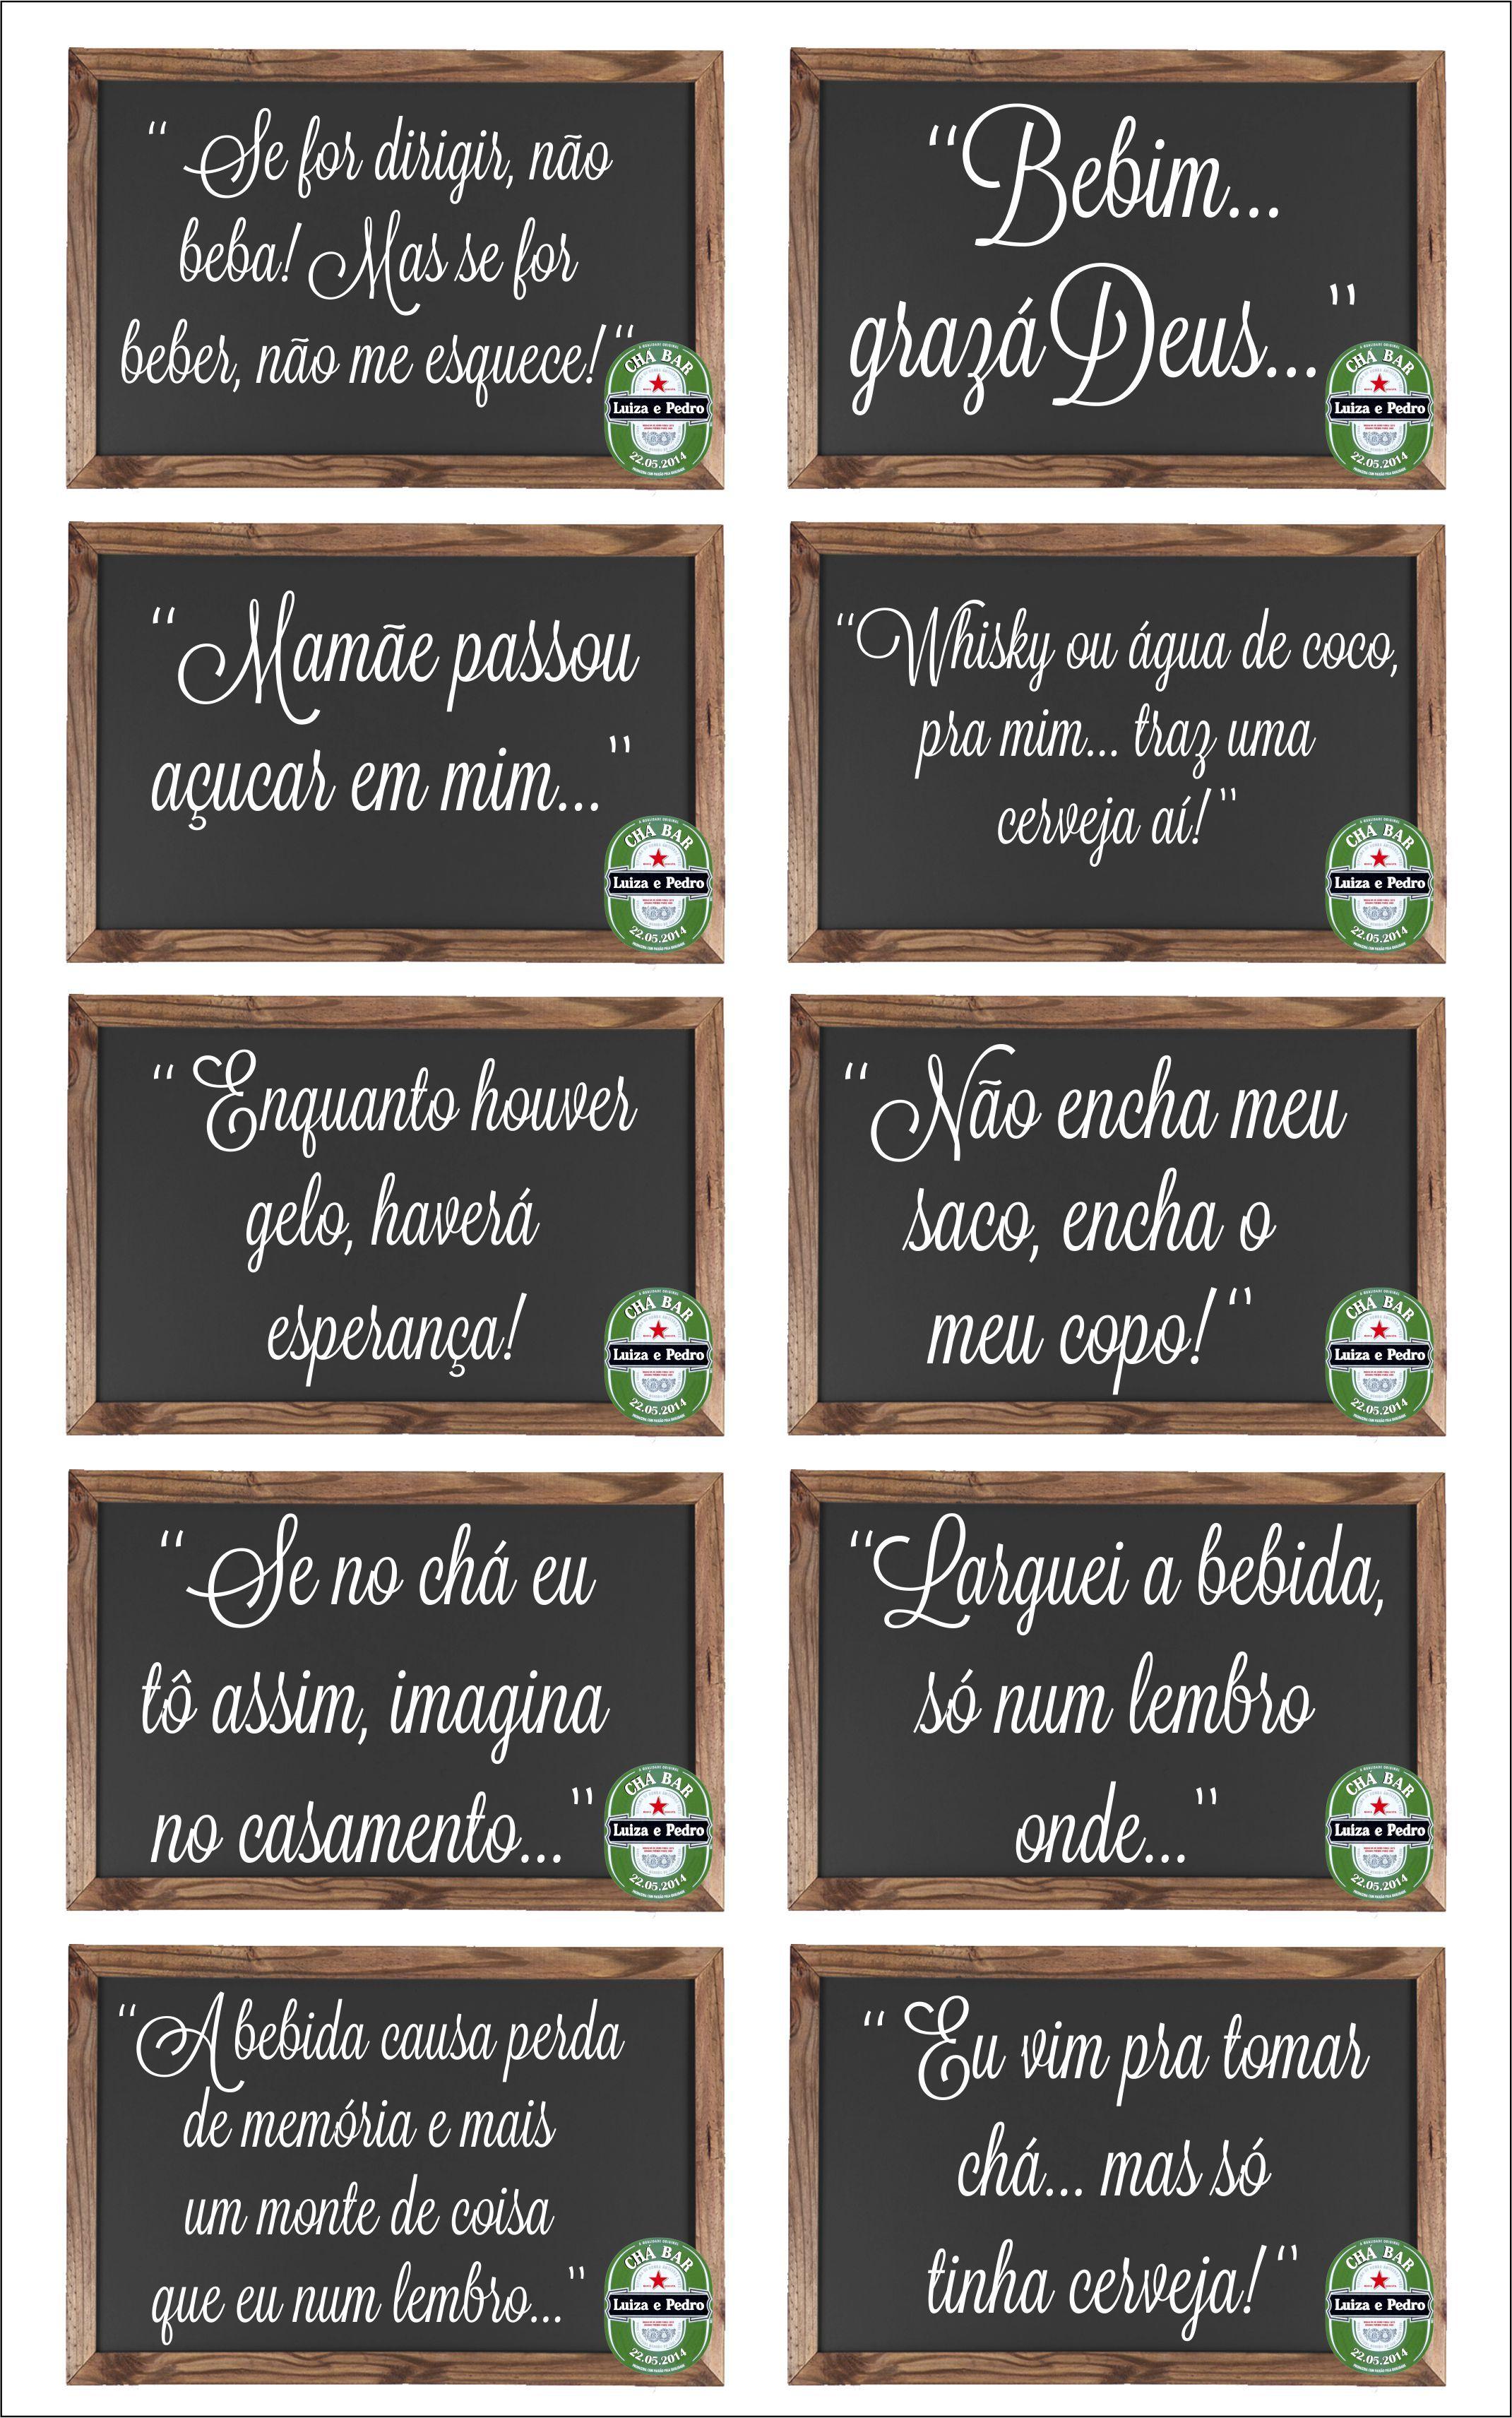 Frases De Boteco Em 2019 Comida De Boteco Festa Boteco